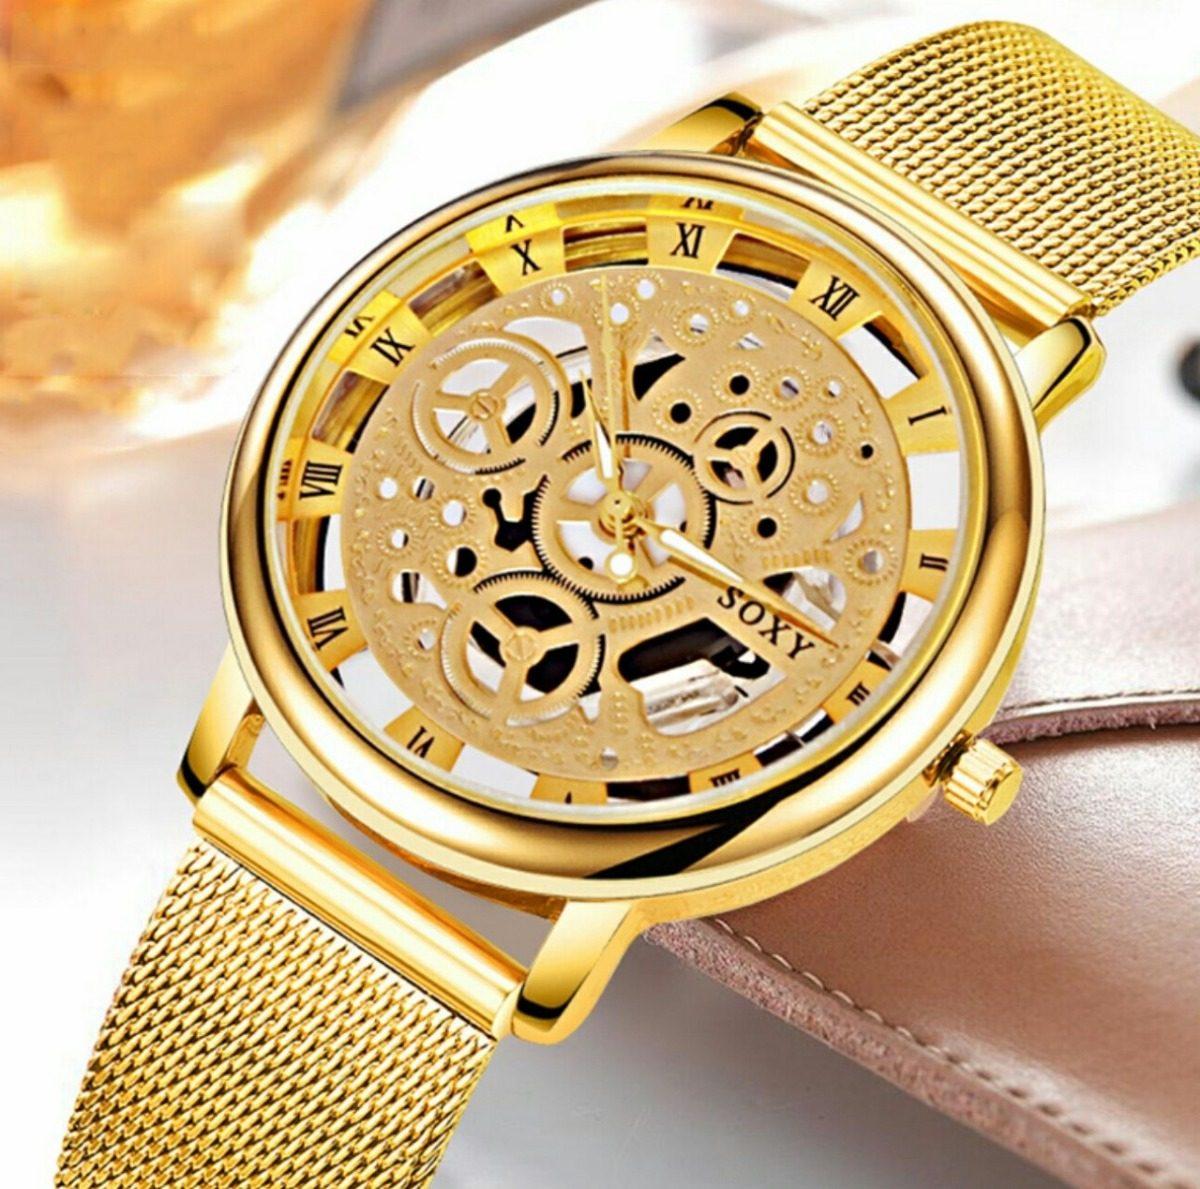 b84d817259 relógio feminino skeleton dourado prata promoção barato novo. Carregando  zoom.